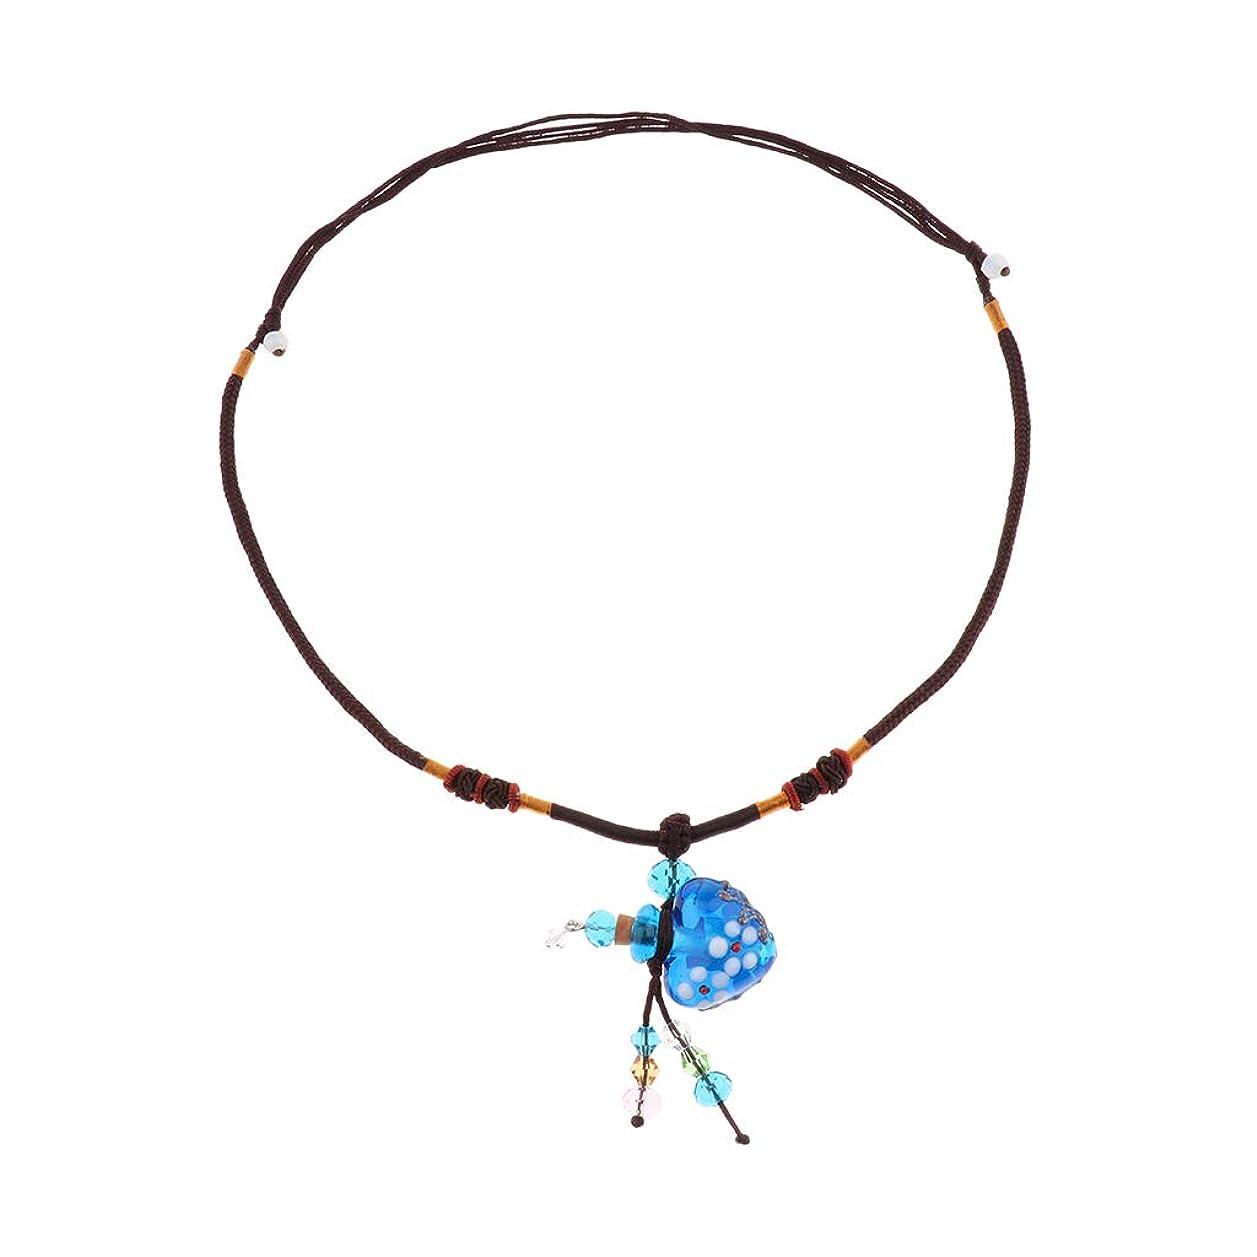 ストライドペルー注ぎますPerfeclan ガラス香水瓶 ペンダント ネックレス オイルディフューザー バイアル 3色選べ - 青